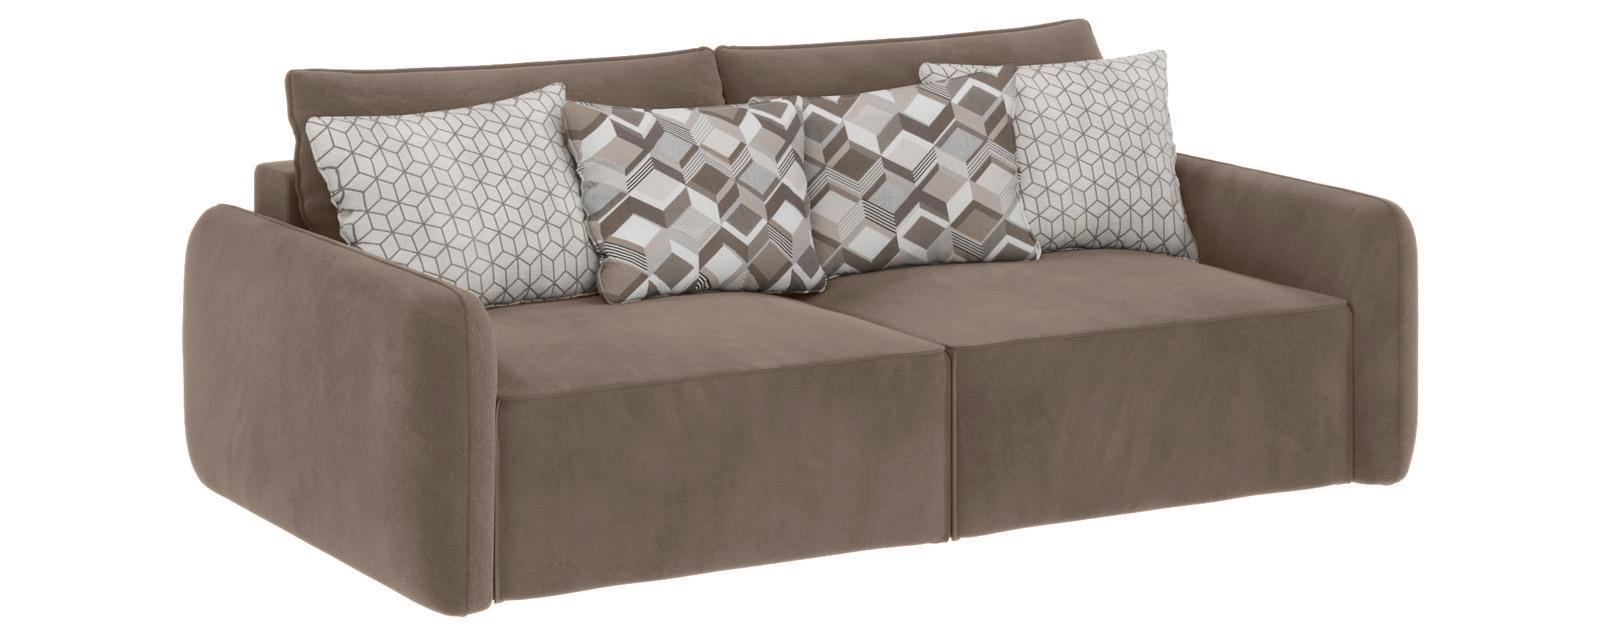 Модульный диван Портленд вариант №7 Soft темно-бежевый (Вел-флок)